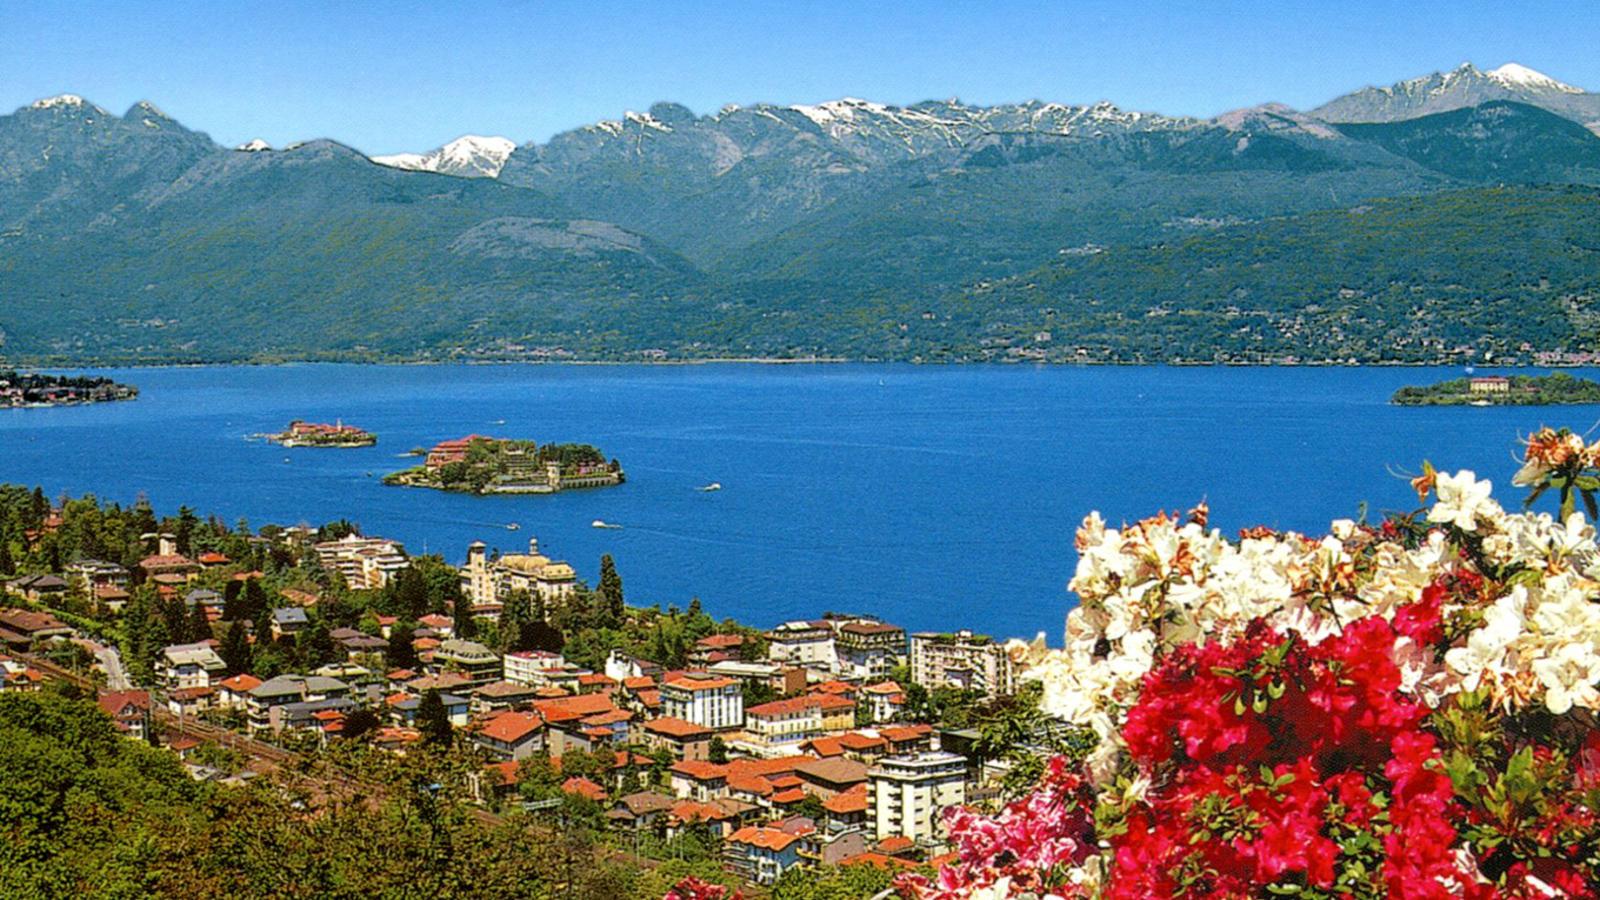 Grand hotel bristol stresa lake maggiore italy - Holidays To Stresa Lake Maggiore Topflight Italy